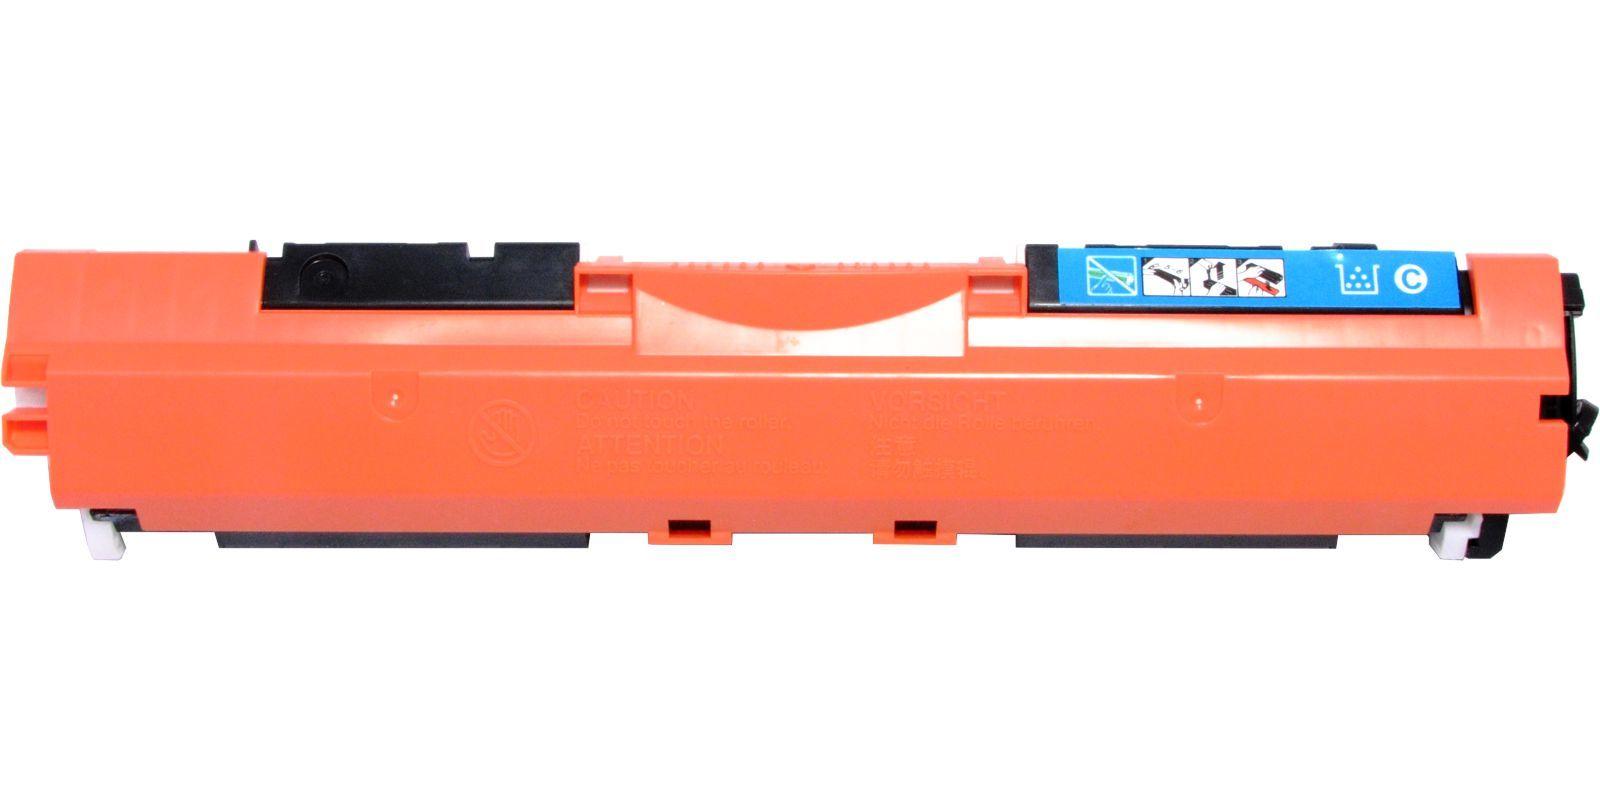 Картридж лазерный цветной Office Pro© 126A CE311A голубой (cyan), до 1000 стр.